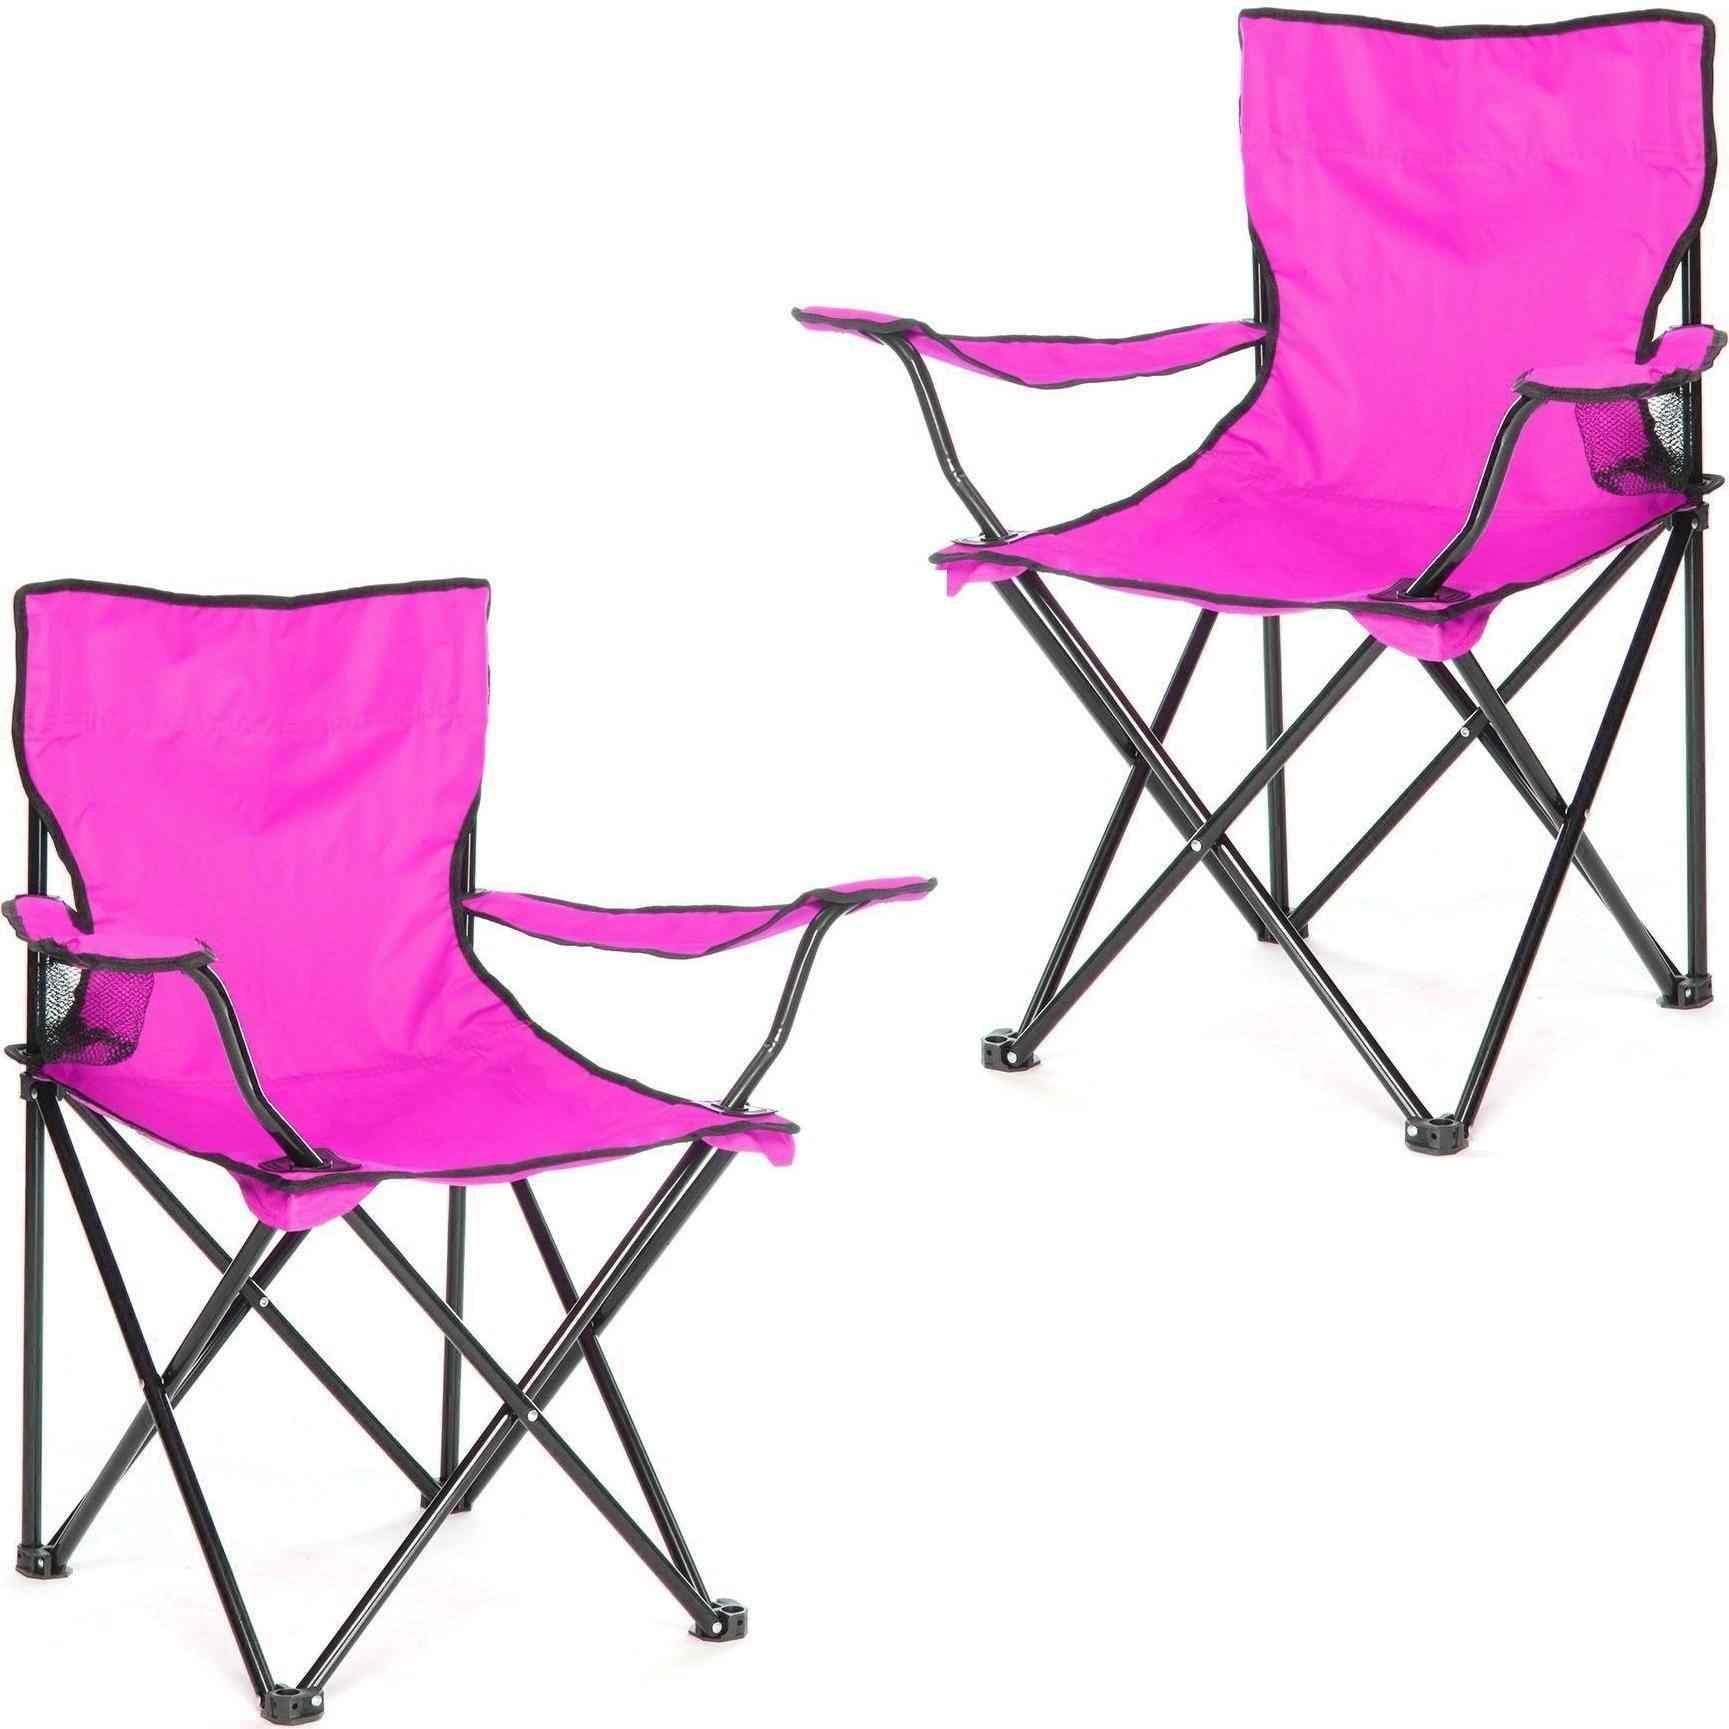 Çantalı Kamp Sandalyesi Balıkçı Plaj Piknik Koltuk Lila 2 Adet